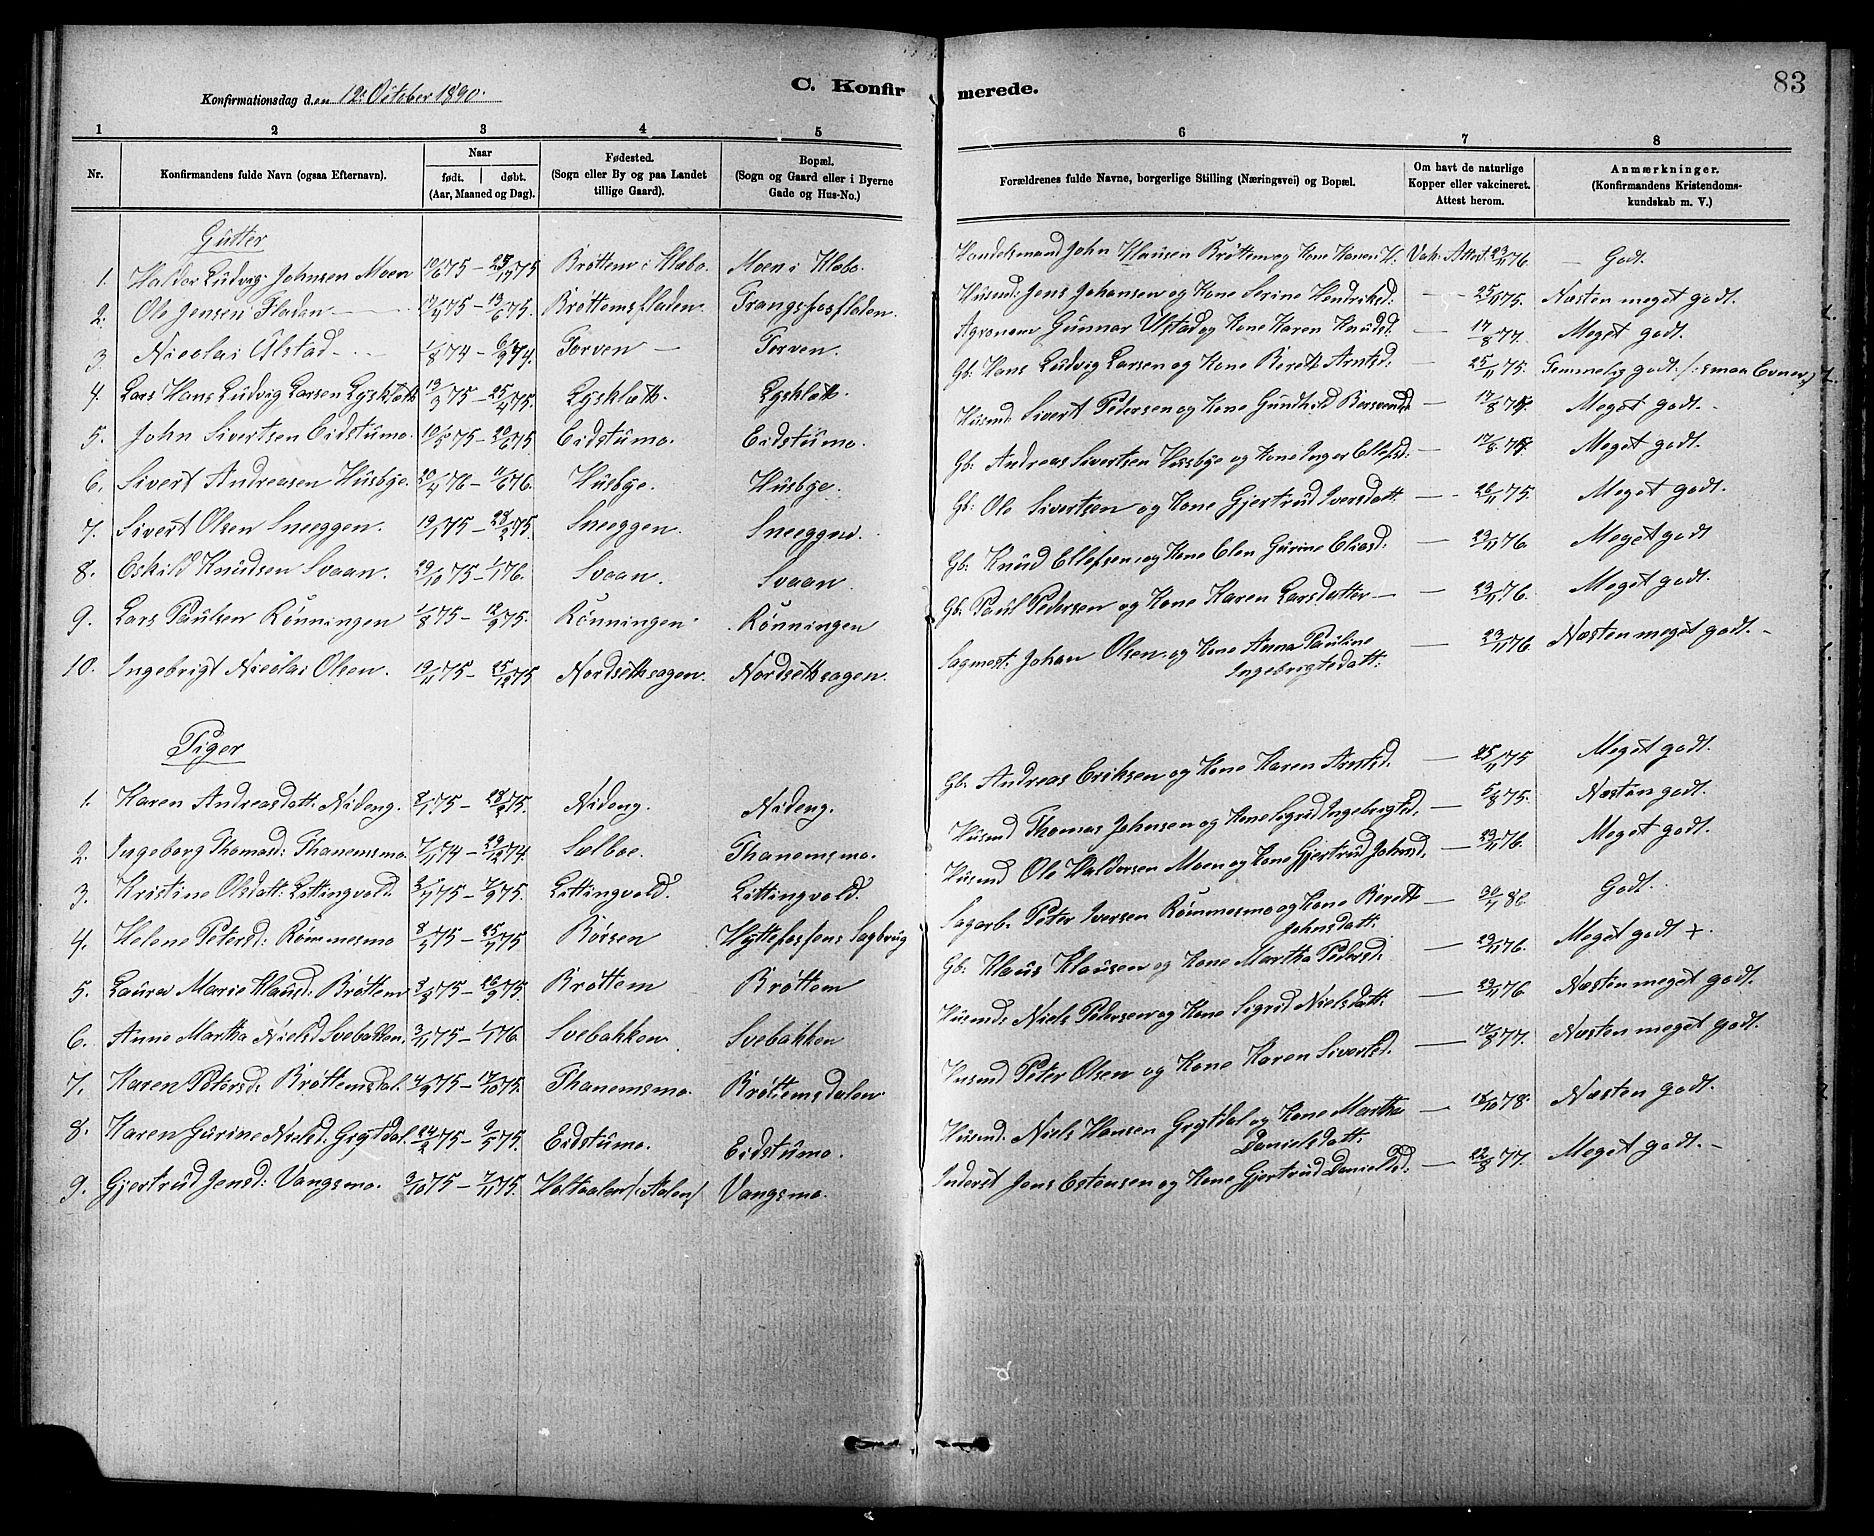 SAT, Ministerialprotokoller, klokkerbøker og fødselsregistre - Sør-Trøndelag, 618/L0452: Klokkerbok nr. 618C03, 1884-1906, s. 83